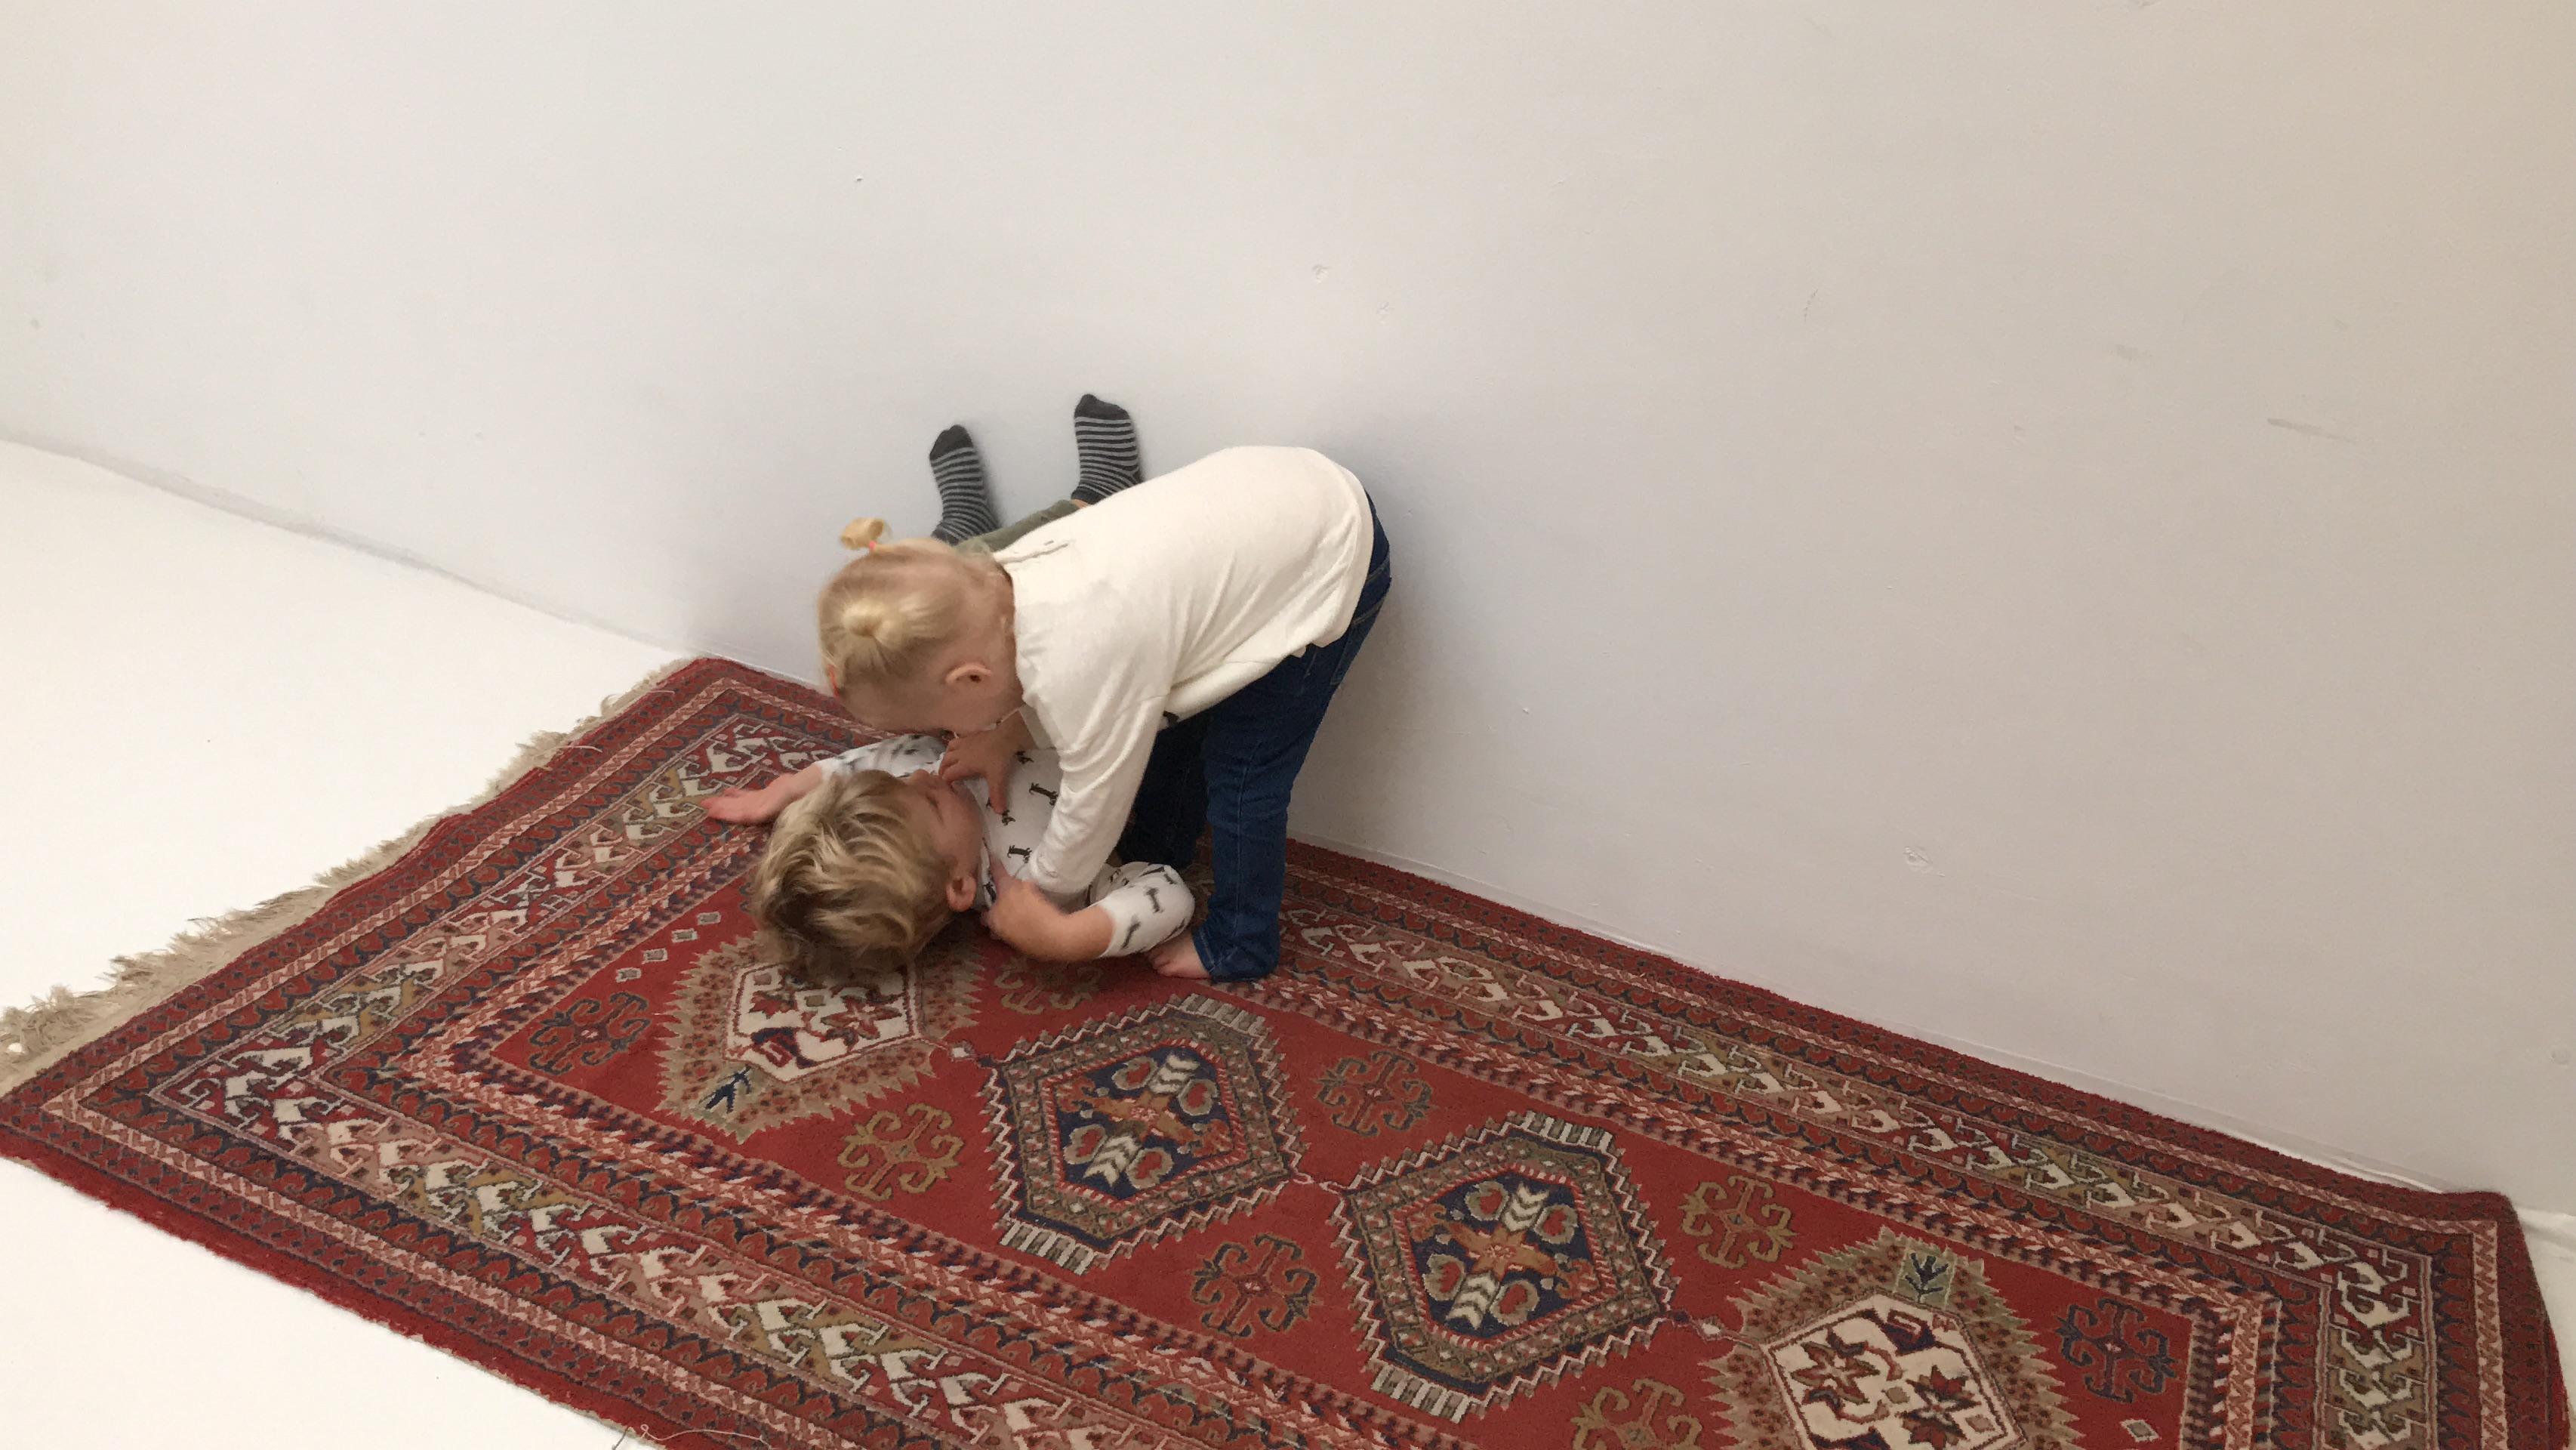 10-17-peuterdans-twee-jaar-2-kinderen-peuter-sport-bewegen-gezond-amsterdam-oost-vrijdag-dinsdag-dansen-dans-kastanje-herfst-baby-activiteit-creativ-haus-vriend